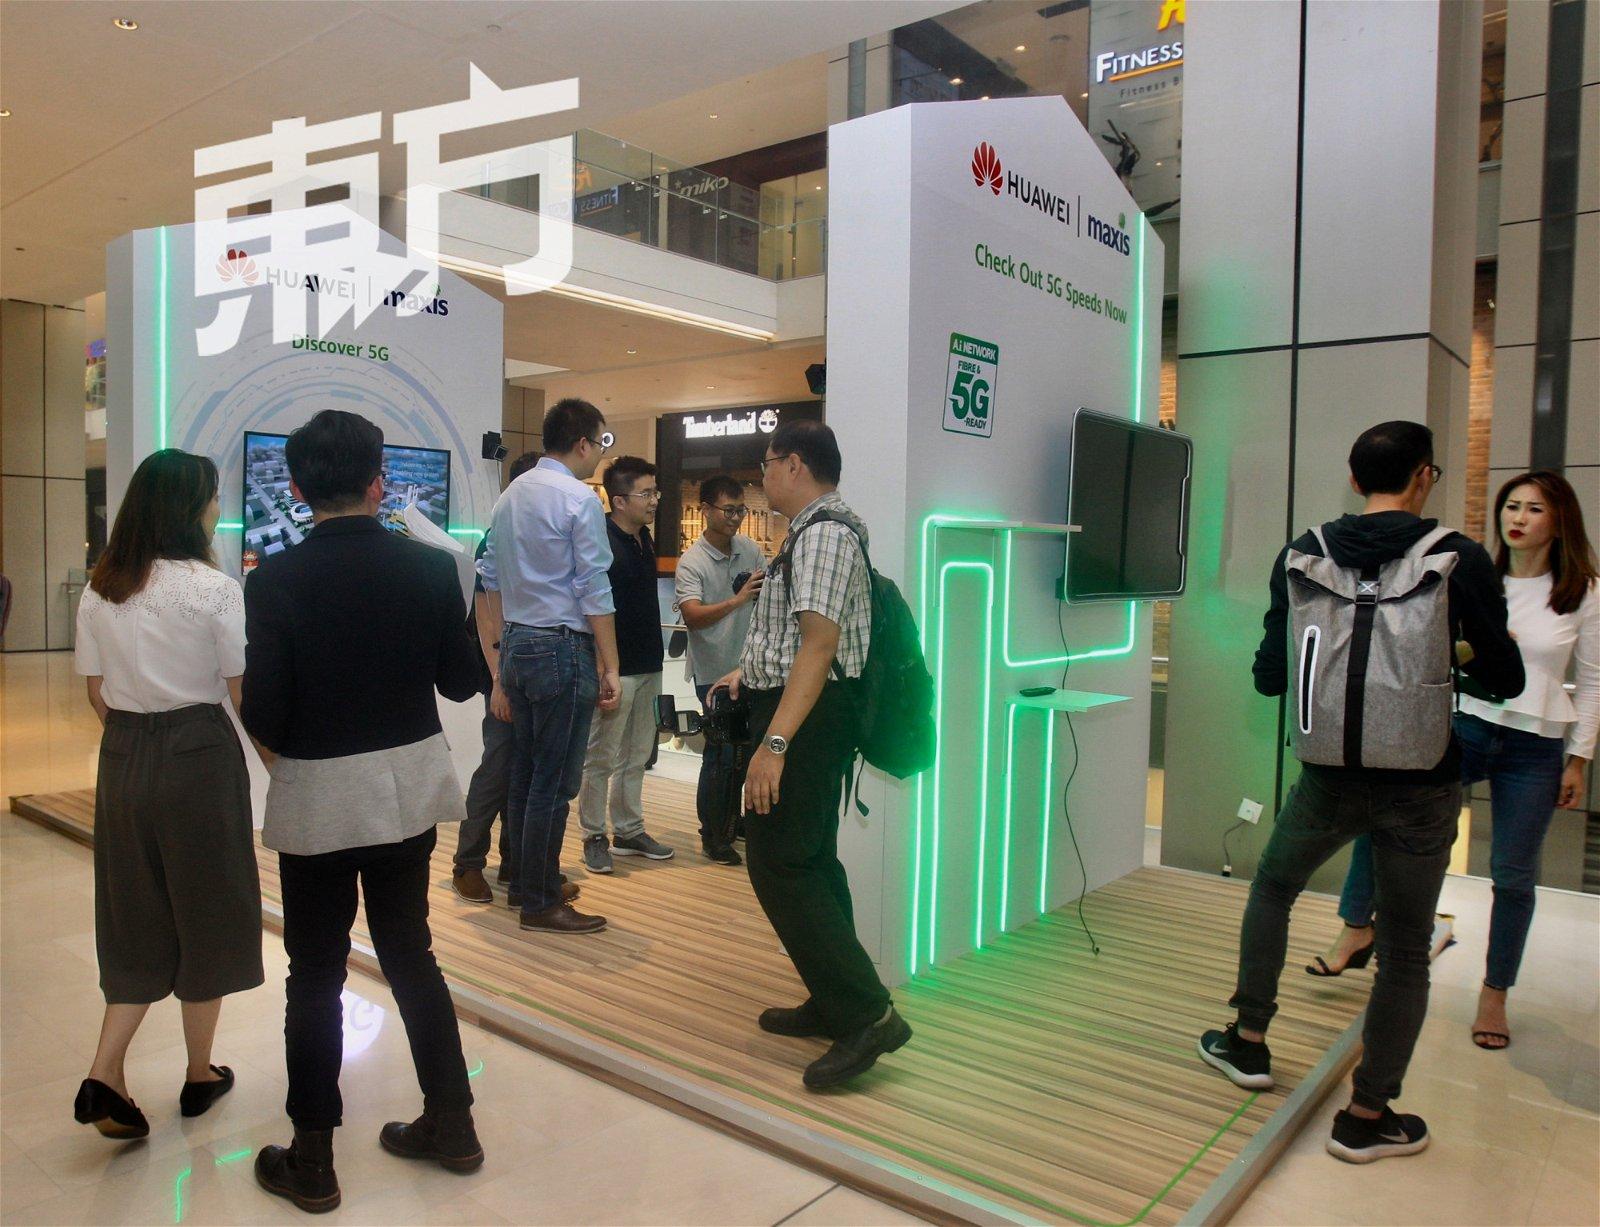 """即日起至10月6日,华为在位于柏威年广场的旗舰店门前设立了一个""""5G网速室内体验站"""",并开放让公众率先体验5G技术在消费者端上的魅力。"""